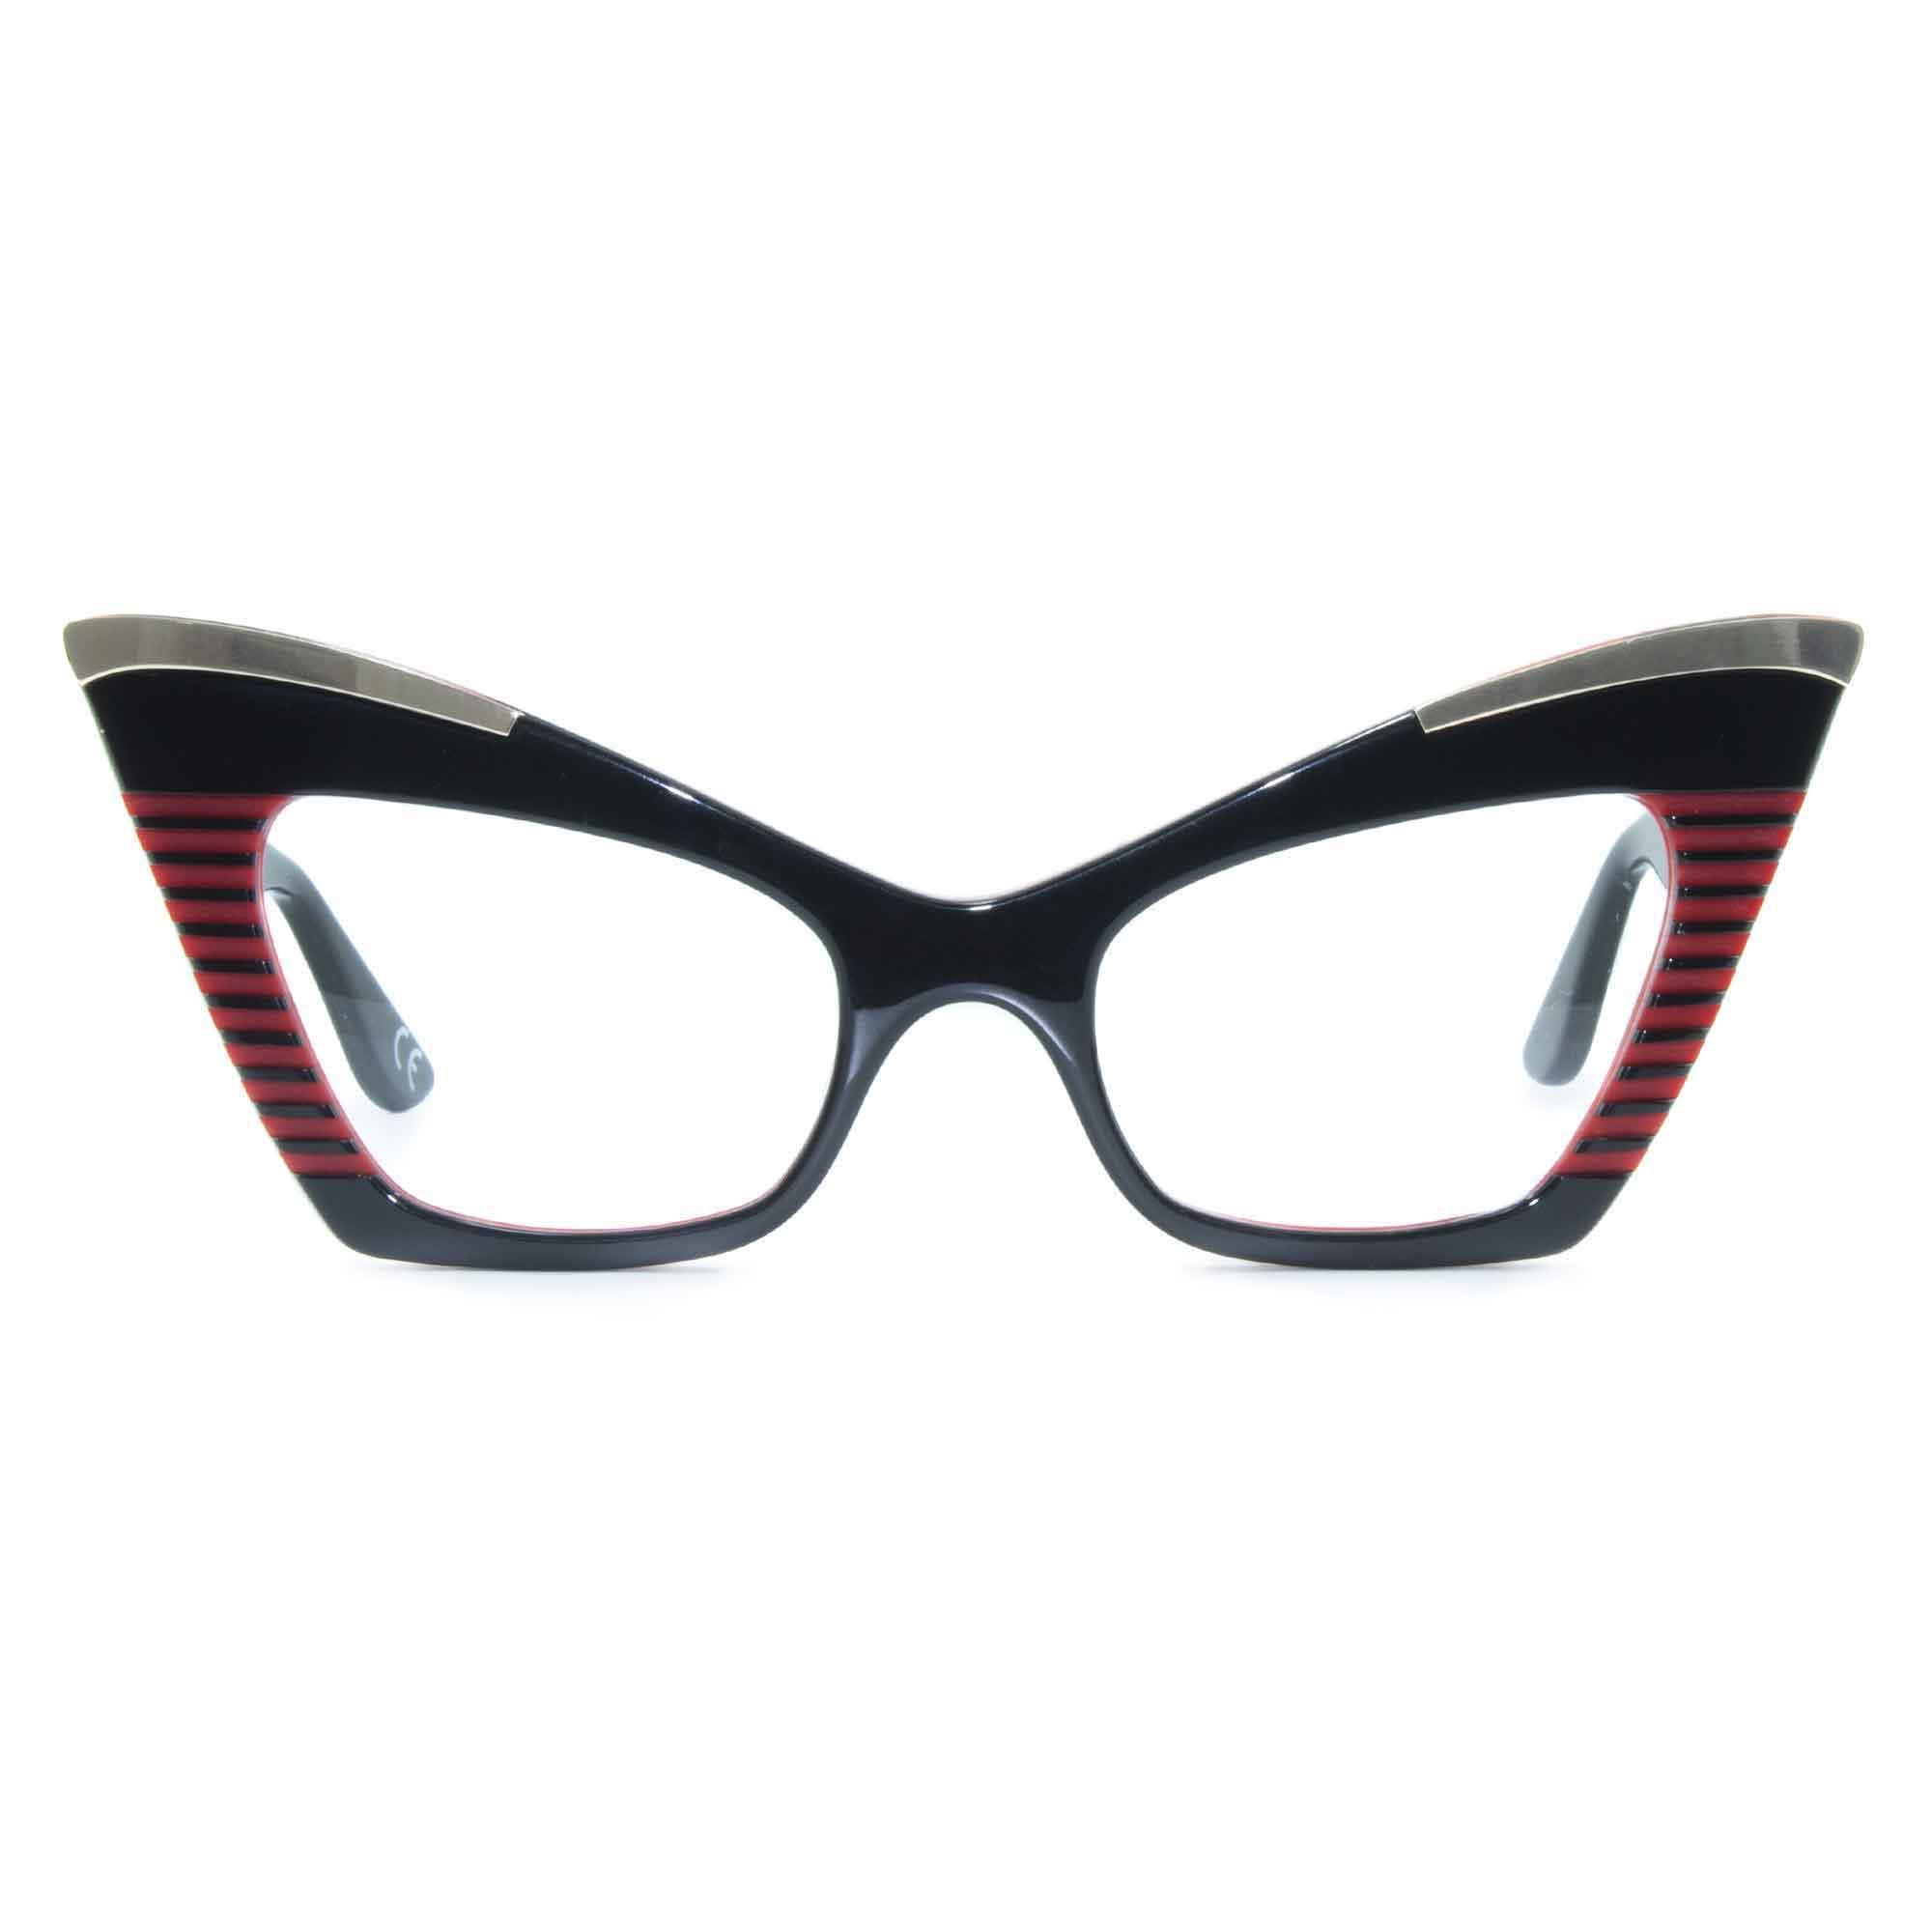 Joiuss doreen black & red cat eye glasses